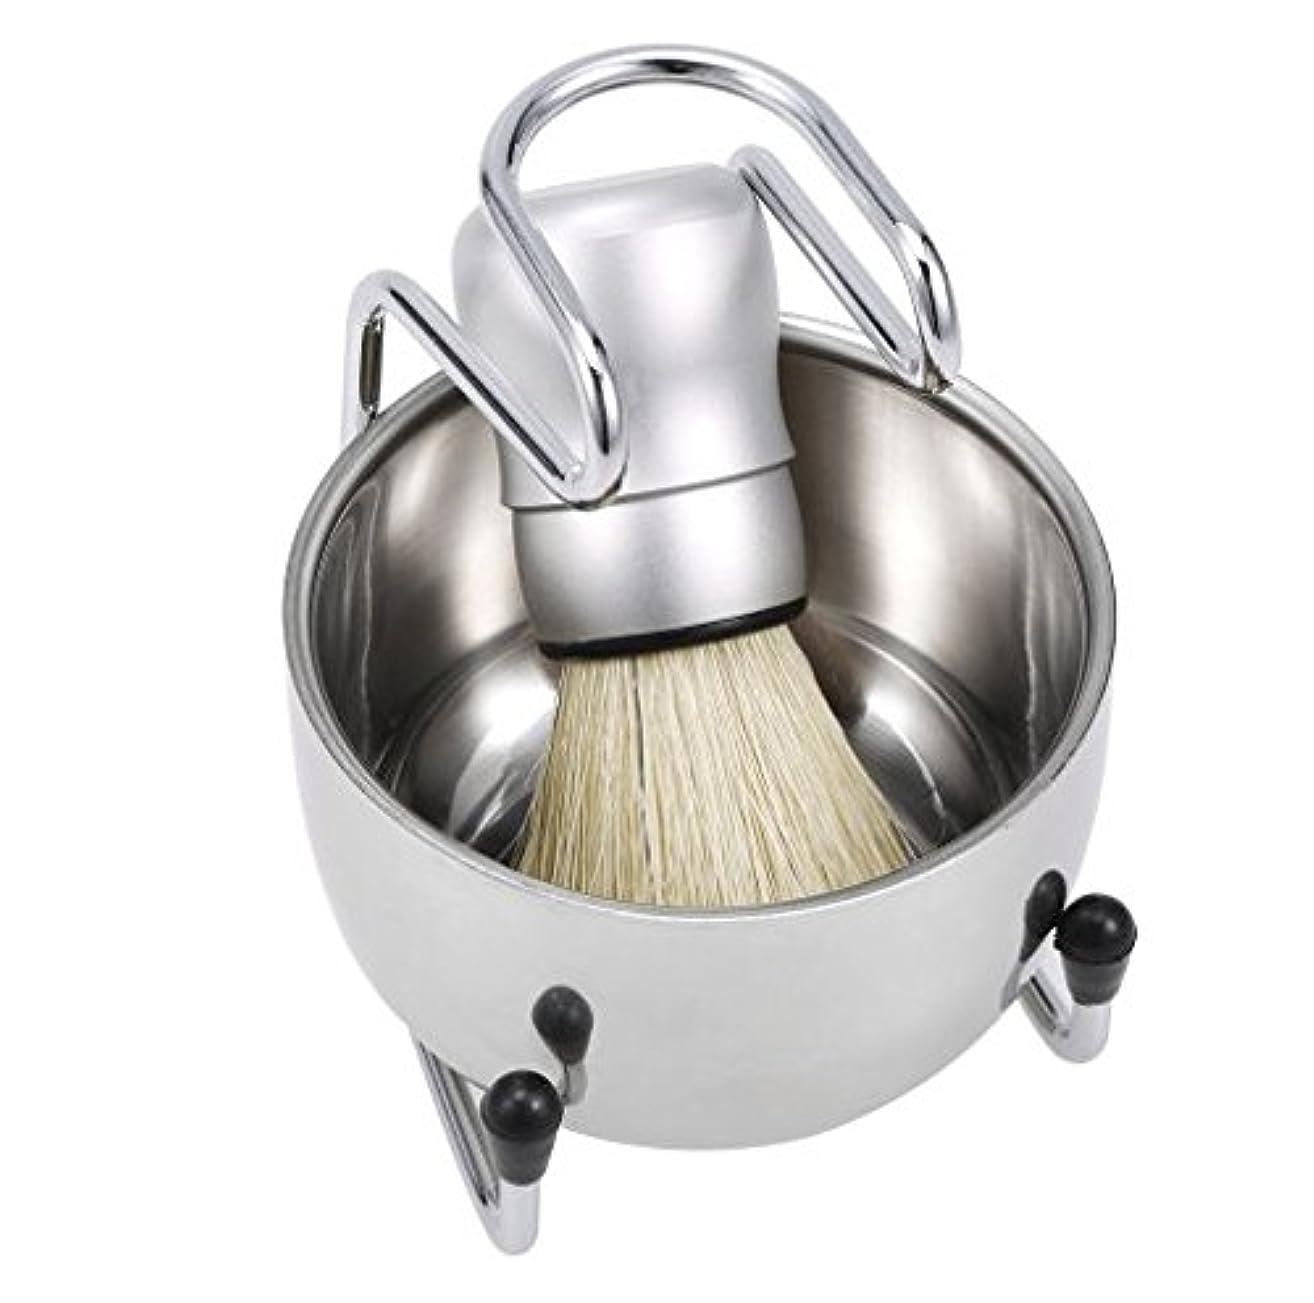 謙虚な徹底的に性格3 in 1 Men's Shaving Tools Set Well Polished Shaving Brush Soap Bowl Stand Holder Badger Hair Male Face Cleaning